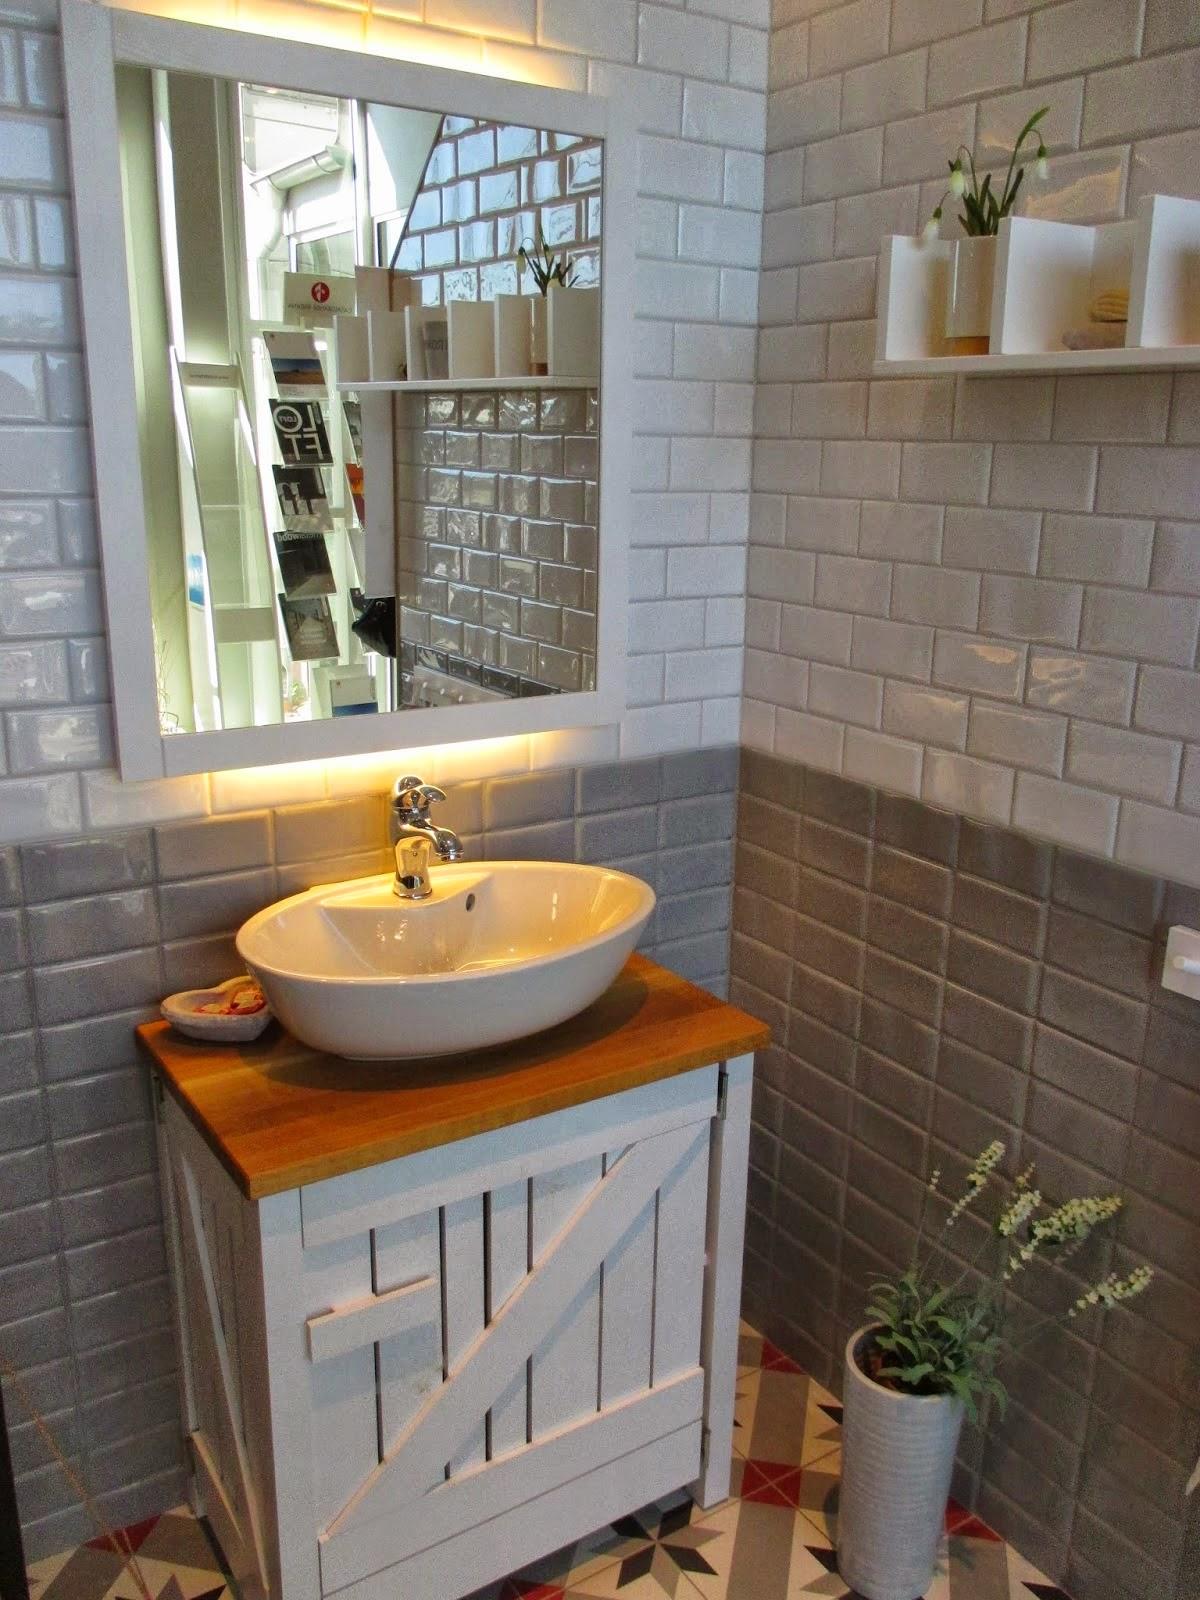 Muebles Baño Vintage:decoraconmaría: PORTAL DE RECICLAJE: DE CÓMODA A MUEBLE DE BAÑO